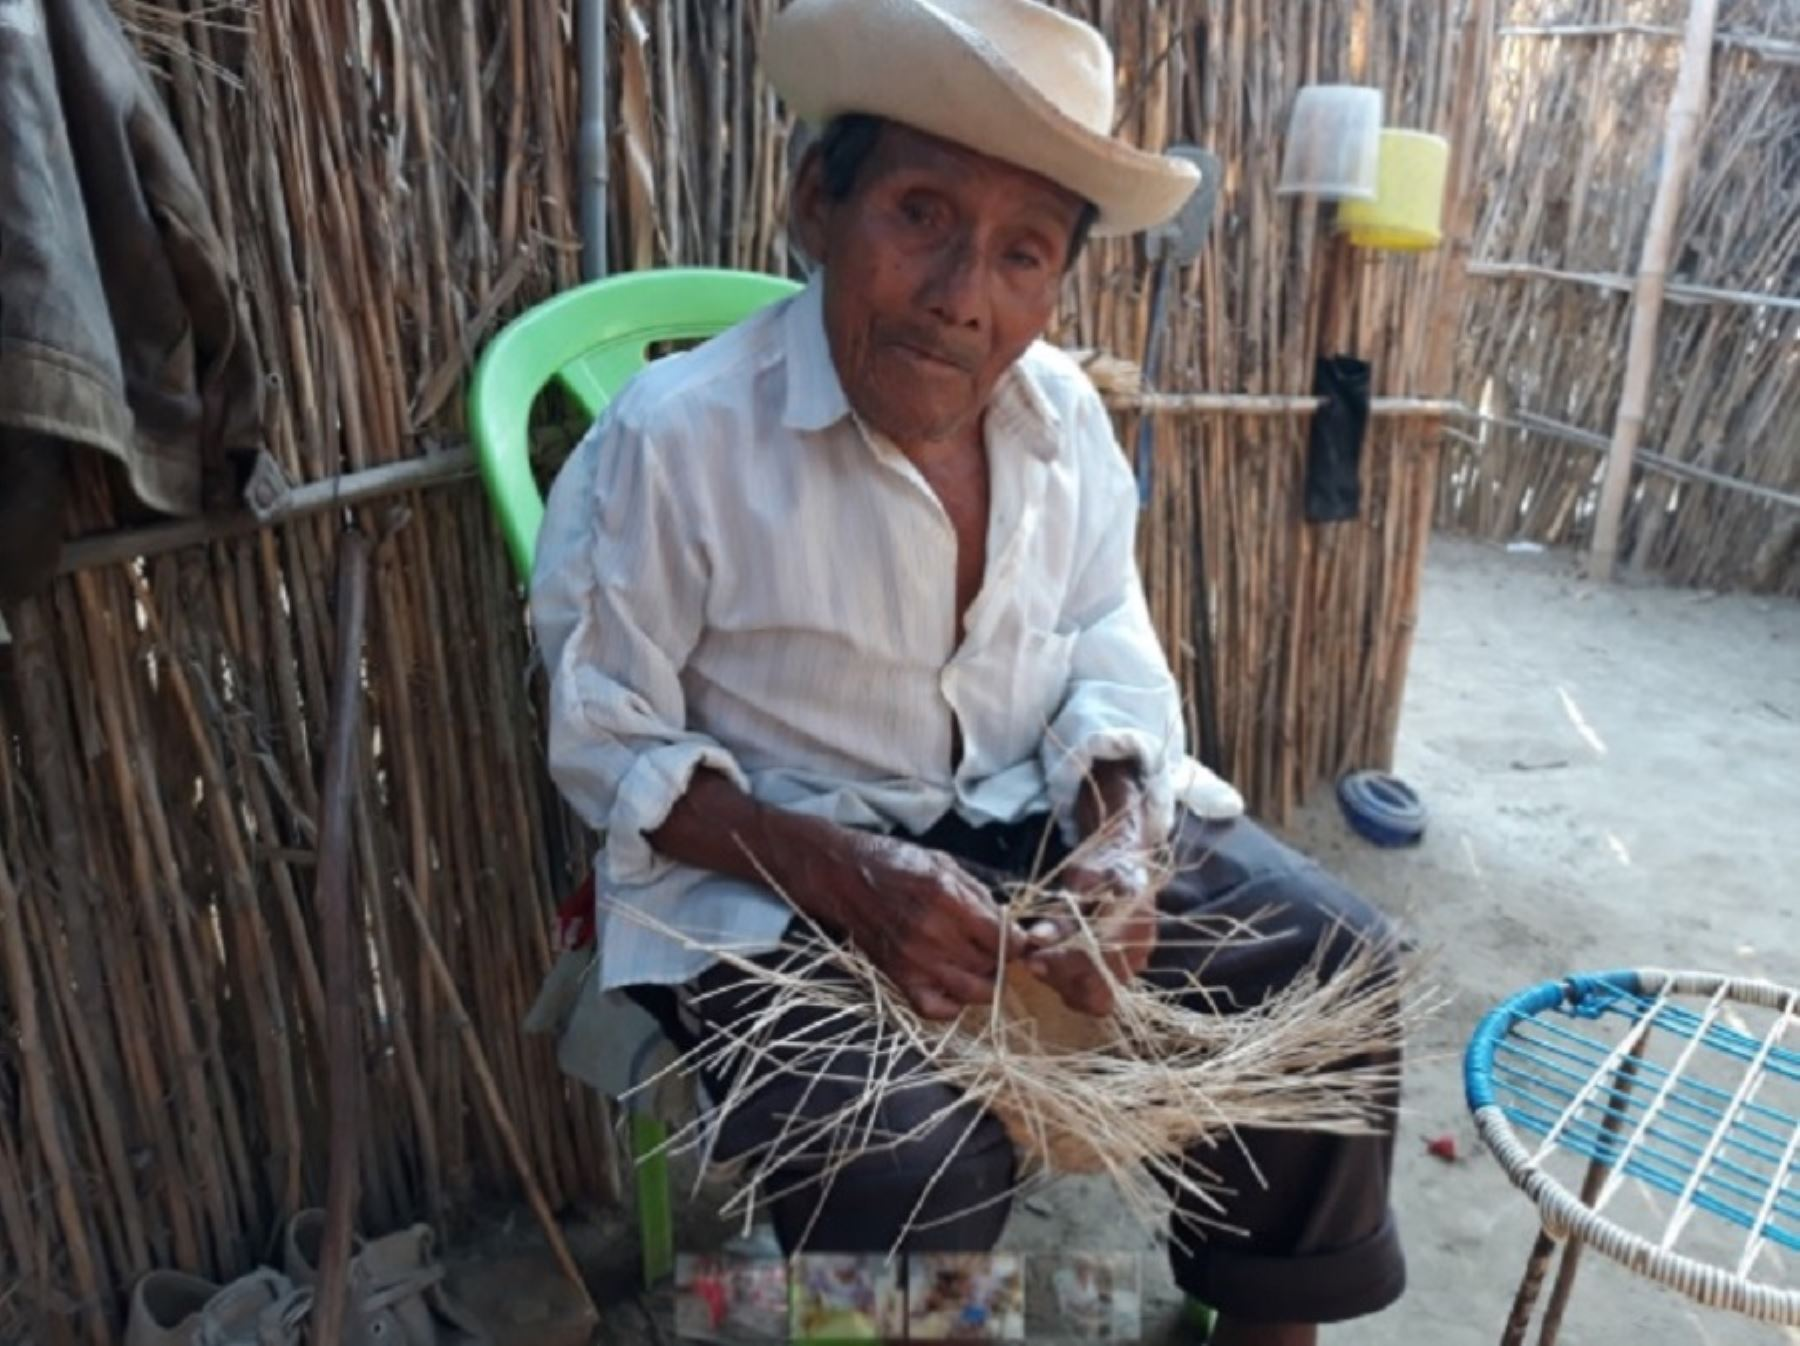 Pensión 65: usuarios de Piura contribuyen a preservar patrimonio y saberes productivos. Foto: Pensión 65/Midis